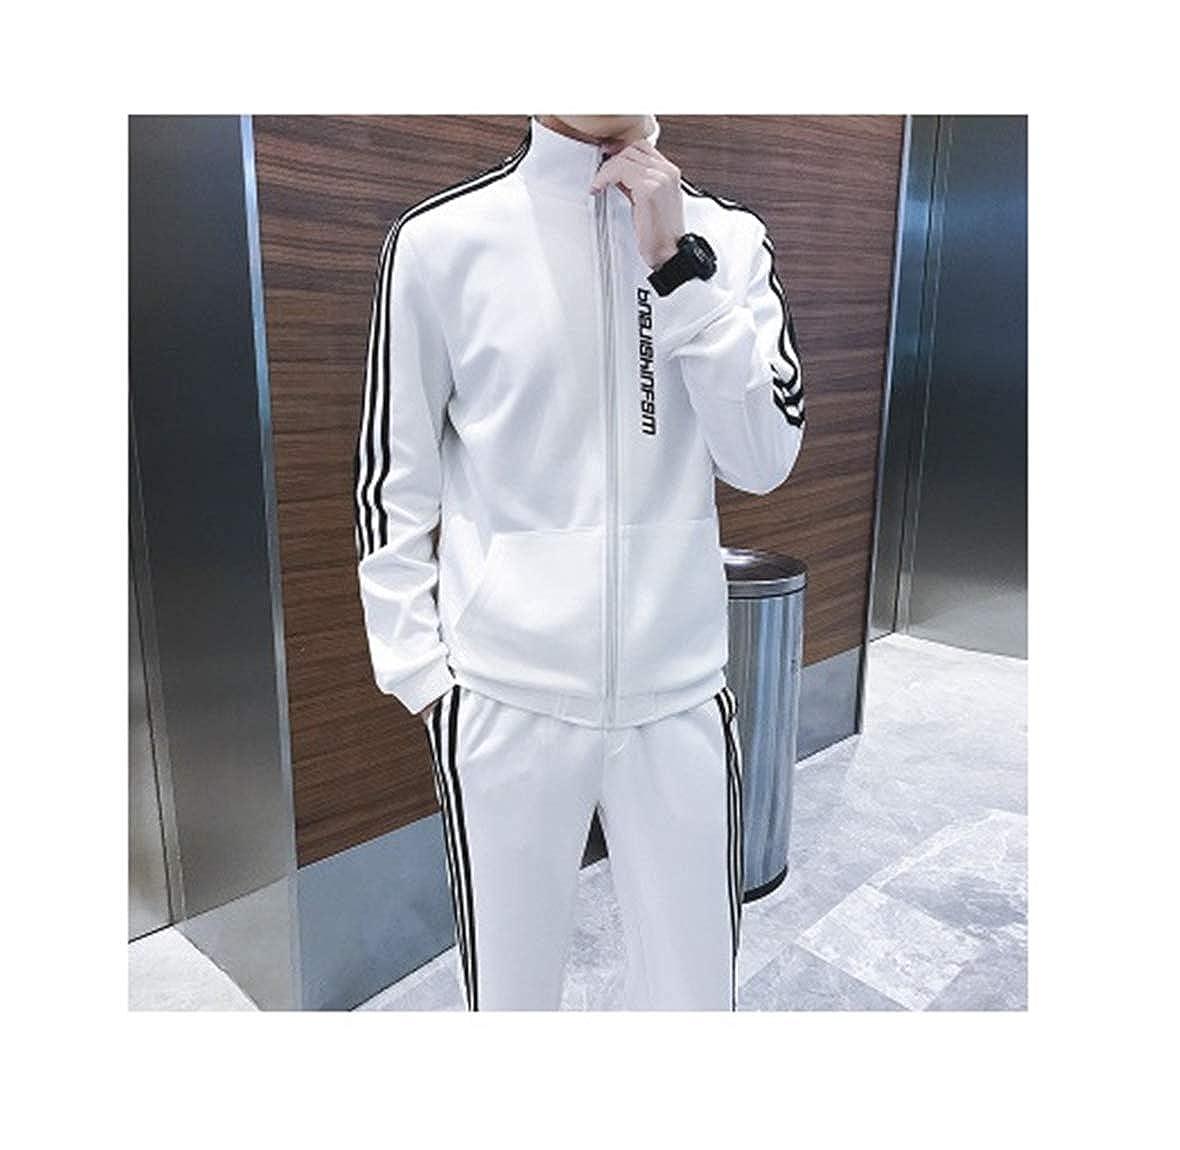 Bernice Chaplin Sportanzug für Herren mit Pullover bietet Laufbekleidung für den Außenbereich(Weiß,XX-Large)